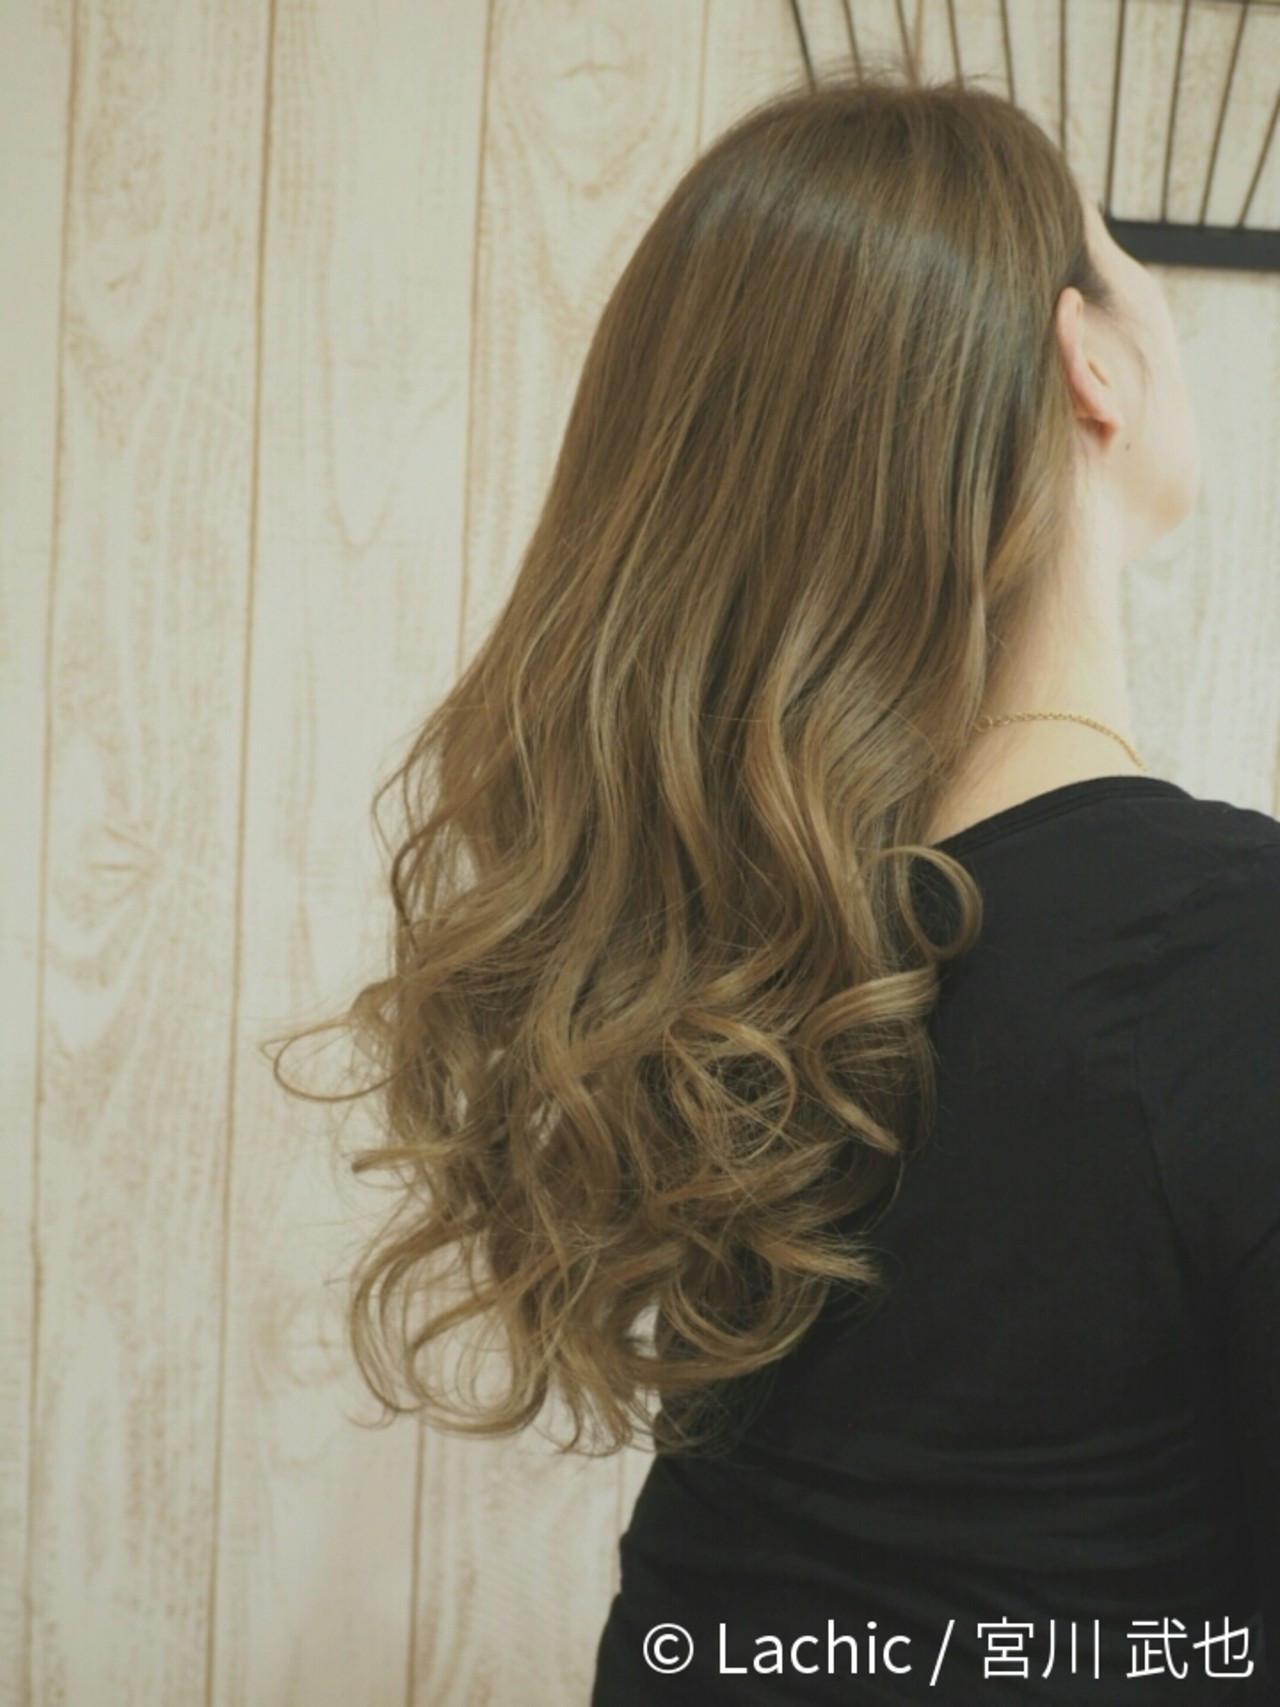 ゆるふわ 外国人風 ガーリー 大人かわいい ヘアスタイルや髪型の写真・画像